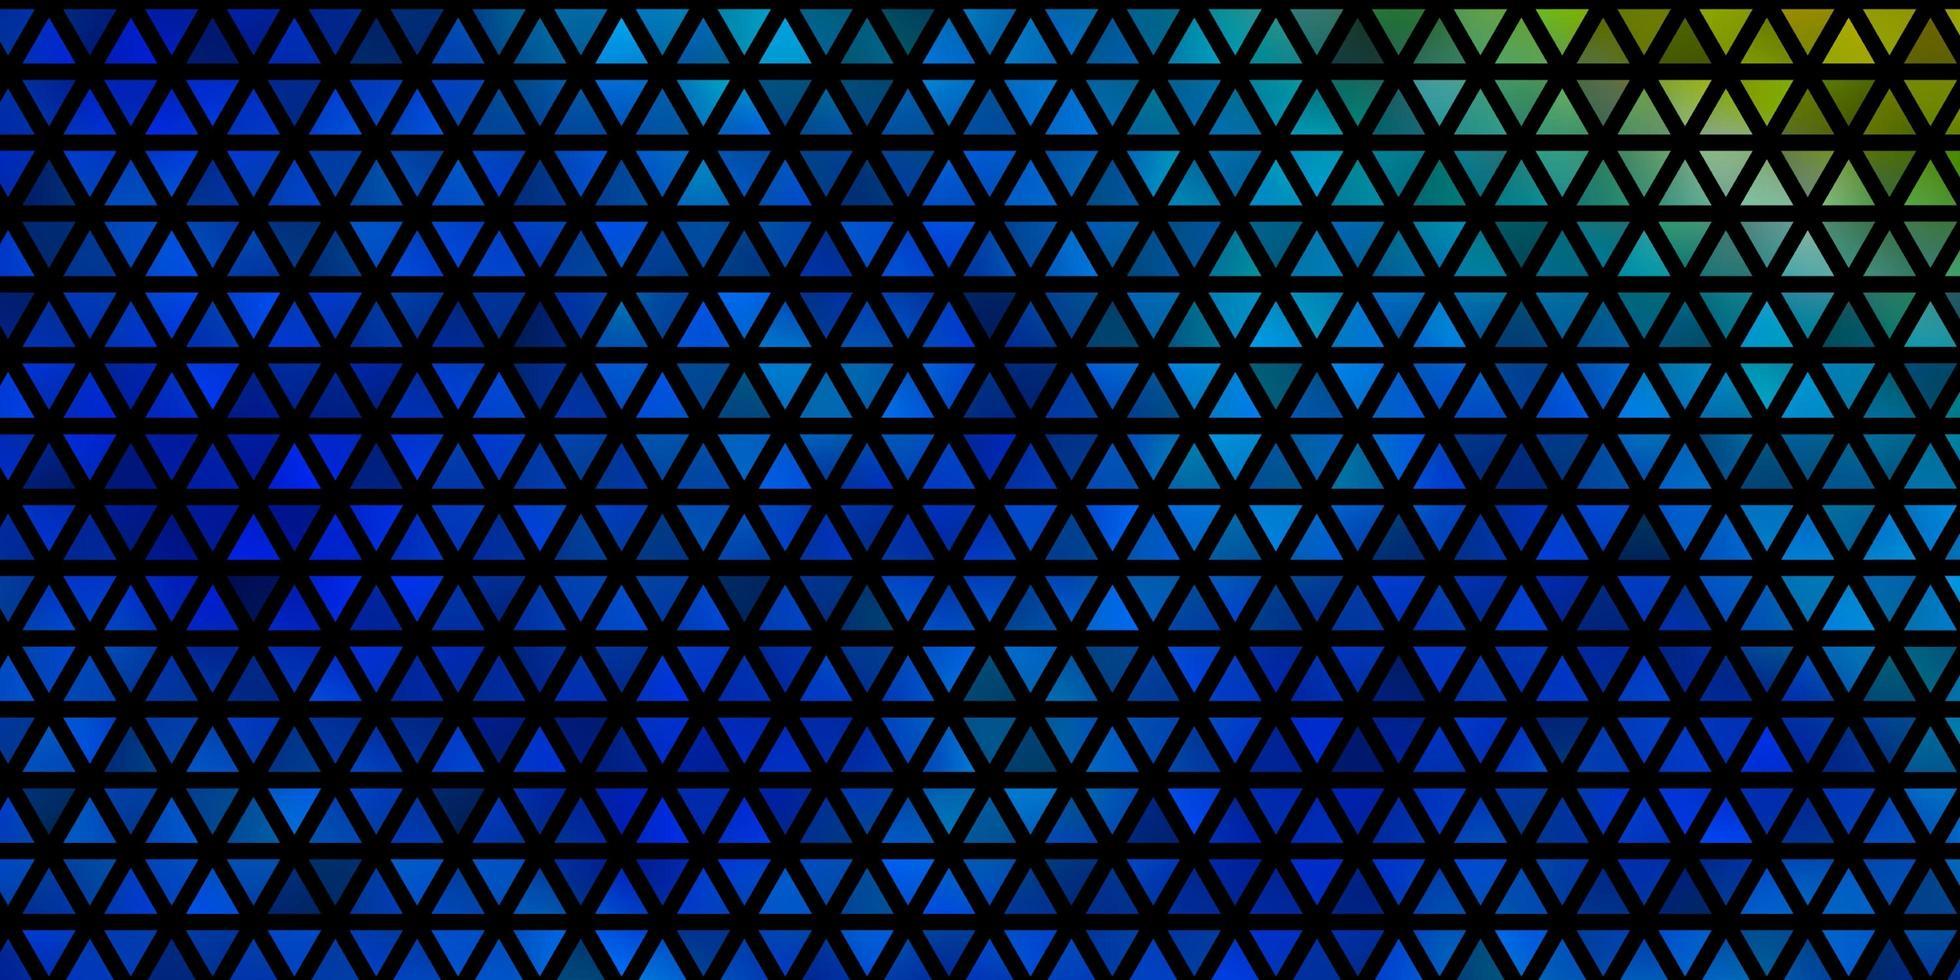 fundo vector azul e amarelo claro com triângulos.